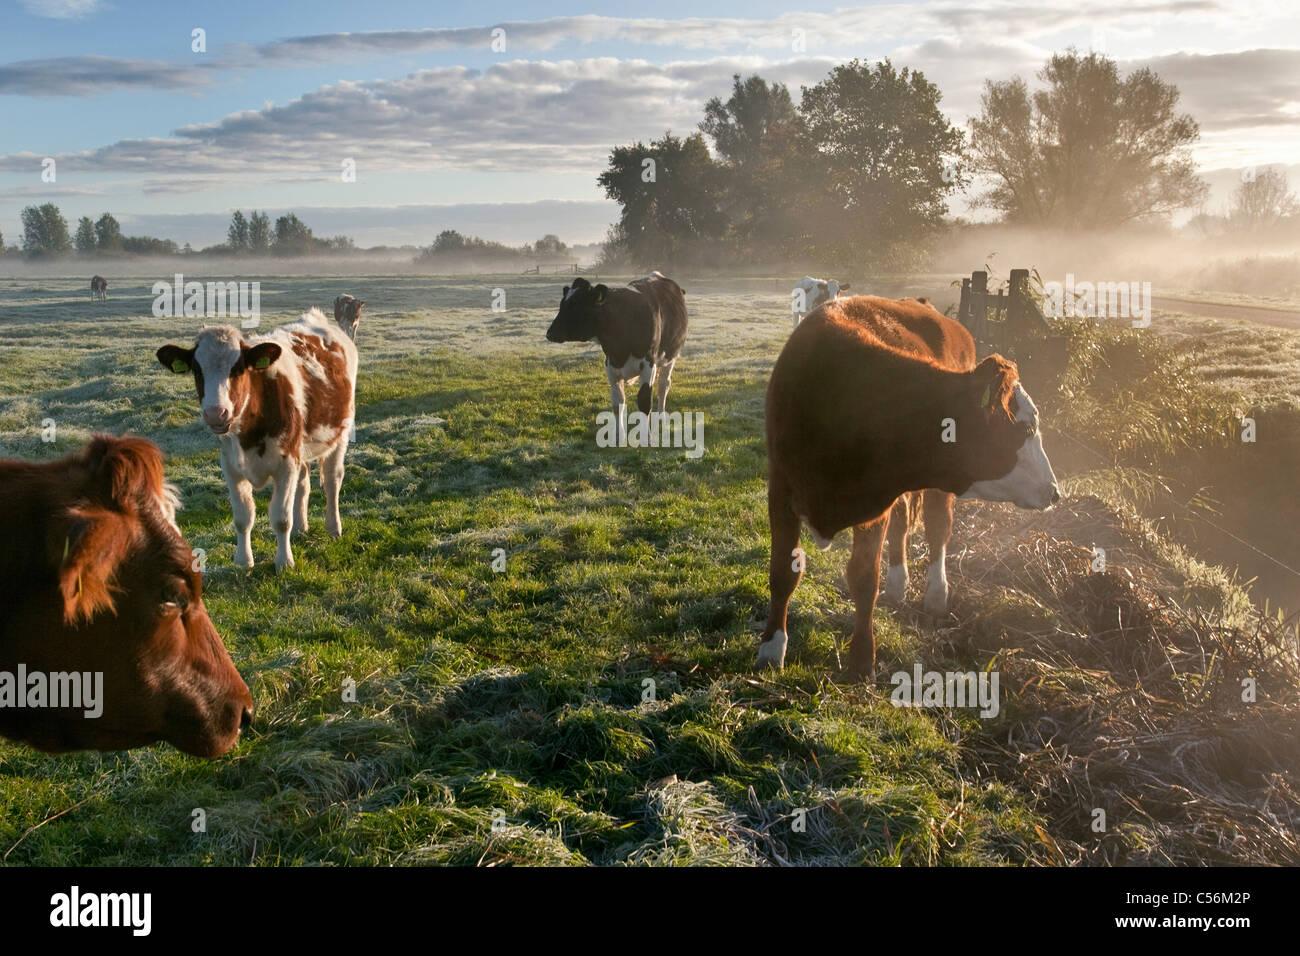 The Netherlands, Nederhorst den Berg. Cows in morning mist. Sunrise. - Stock Image